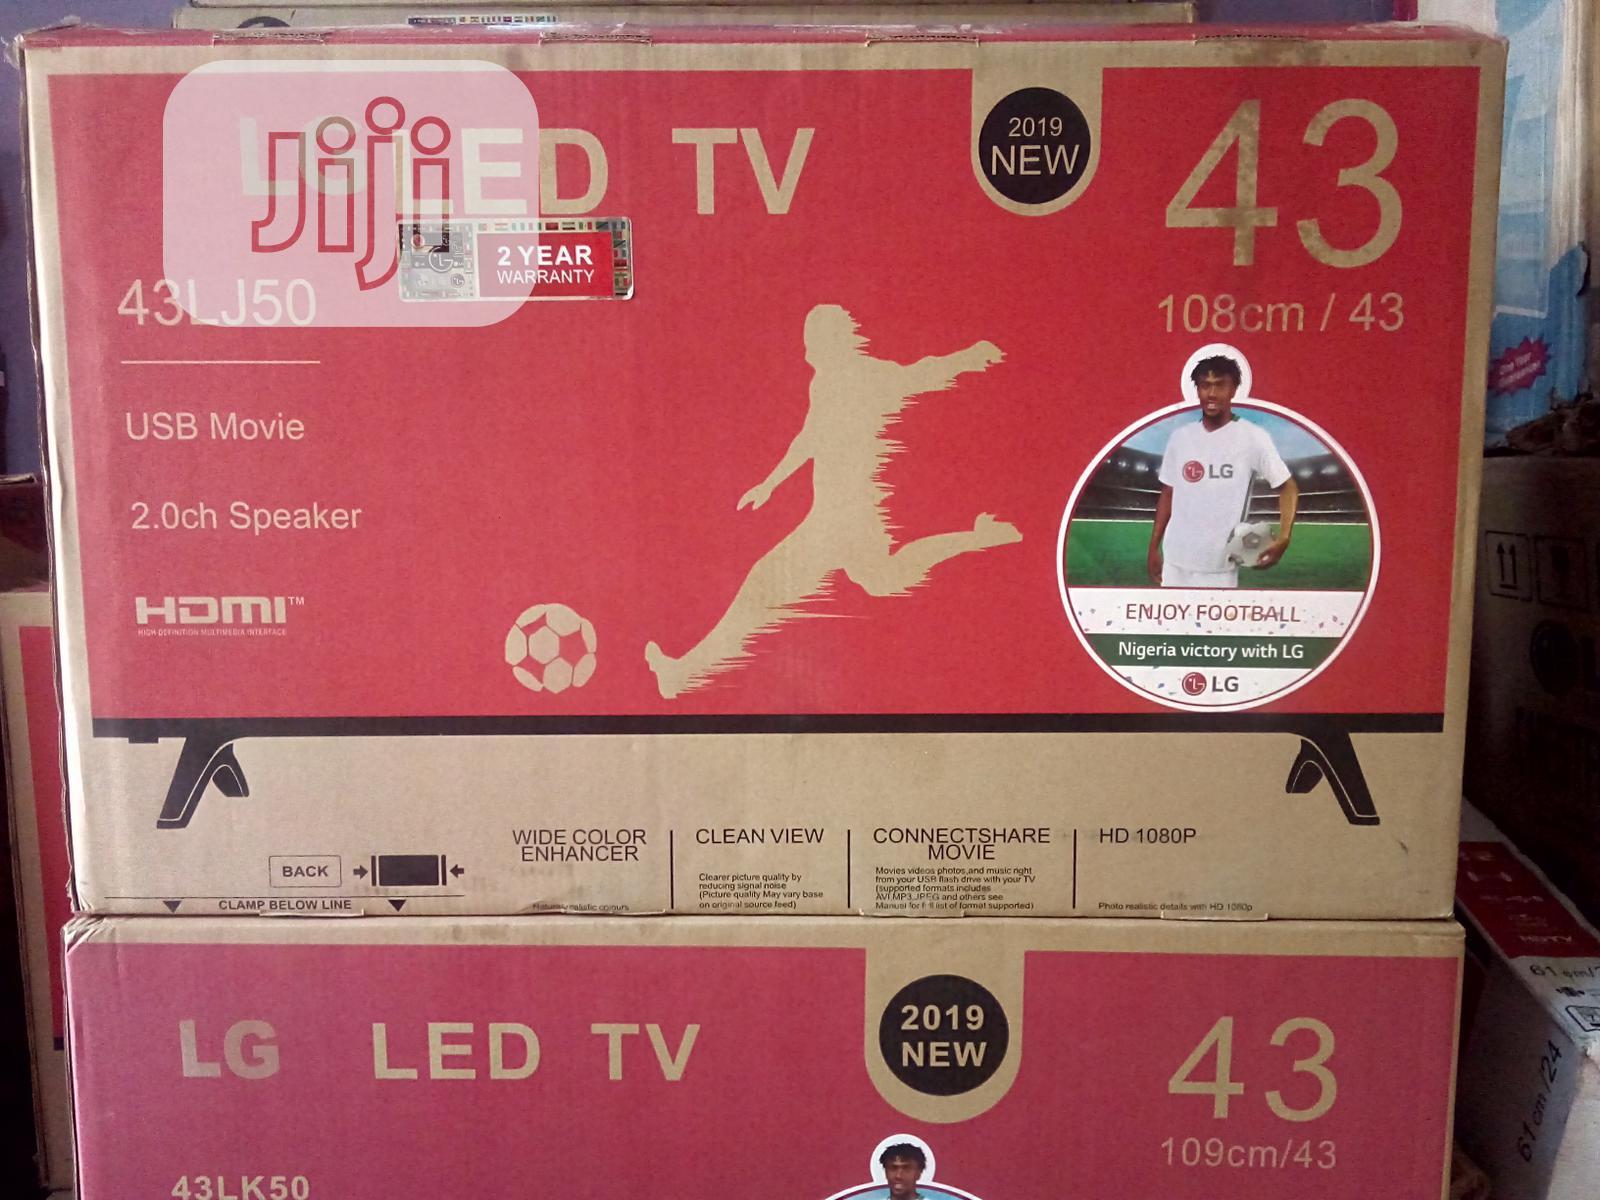 LG Full HD LED TV 43 Inch